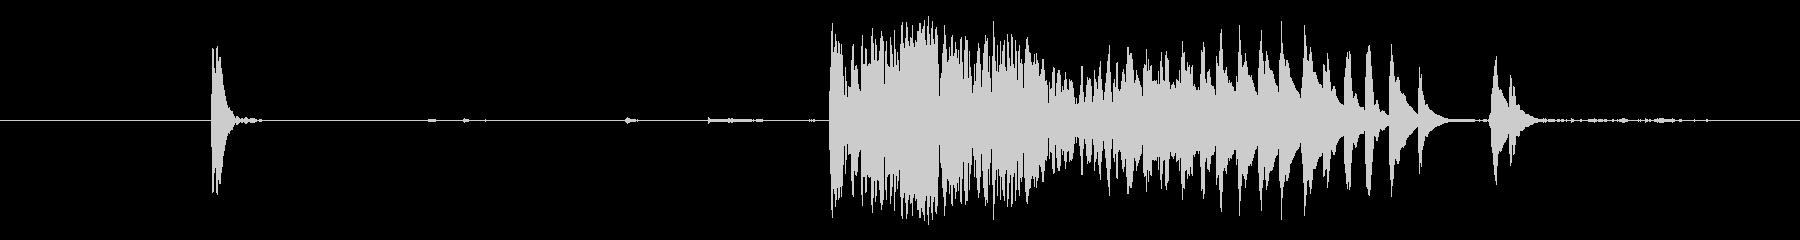 体 ギャグ02の未再生の波形